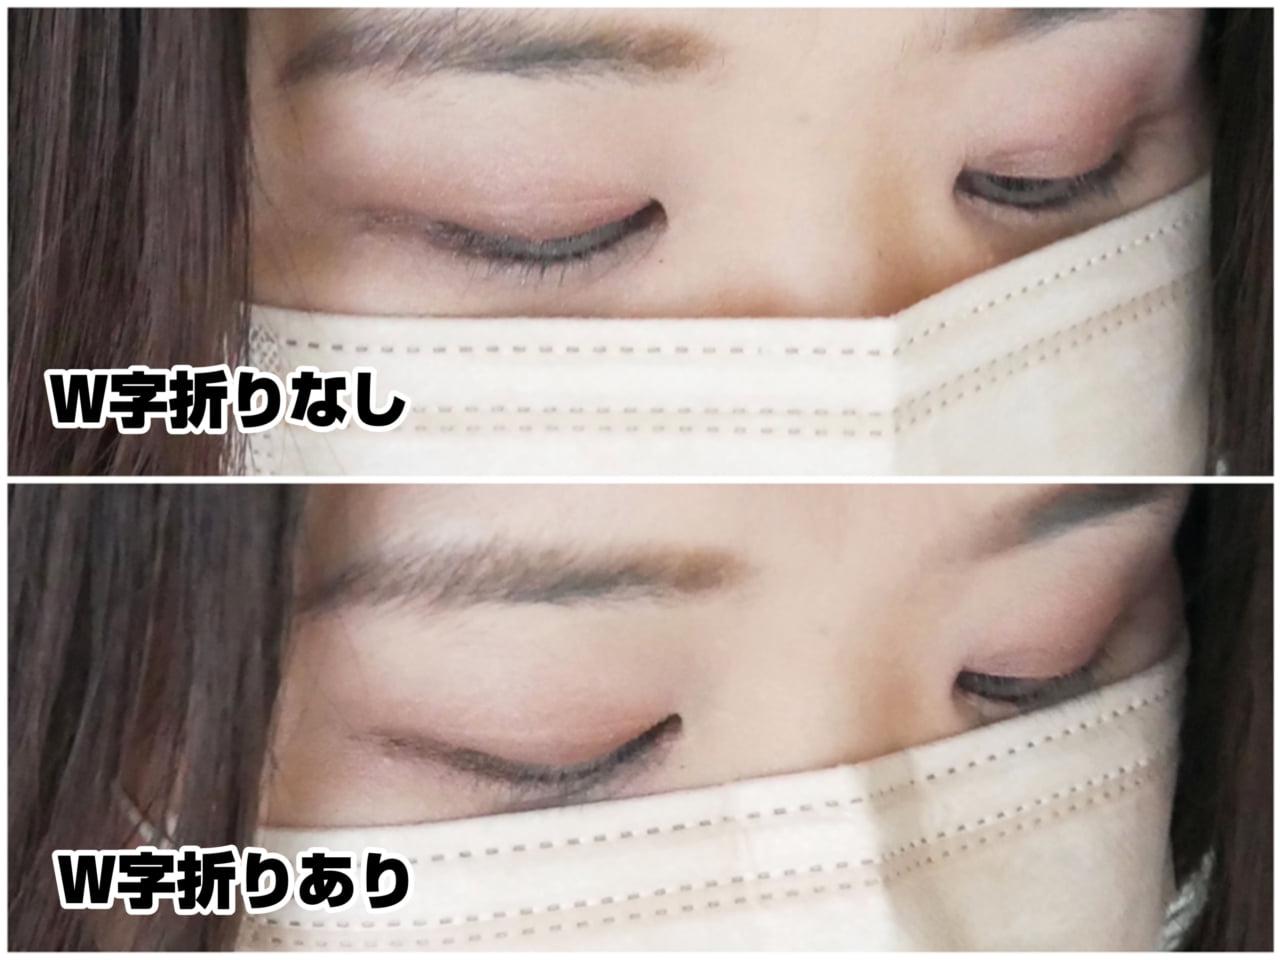 不織布マスク 正しいつけ方 隙間なし